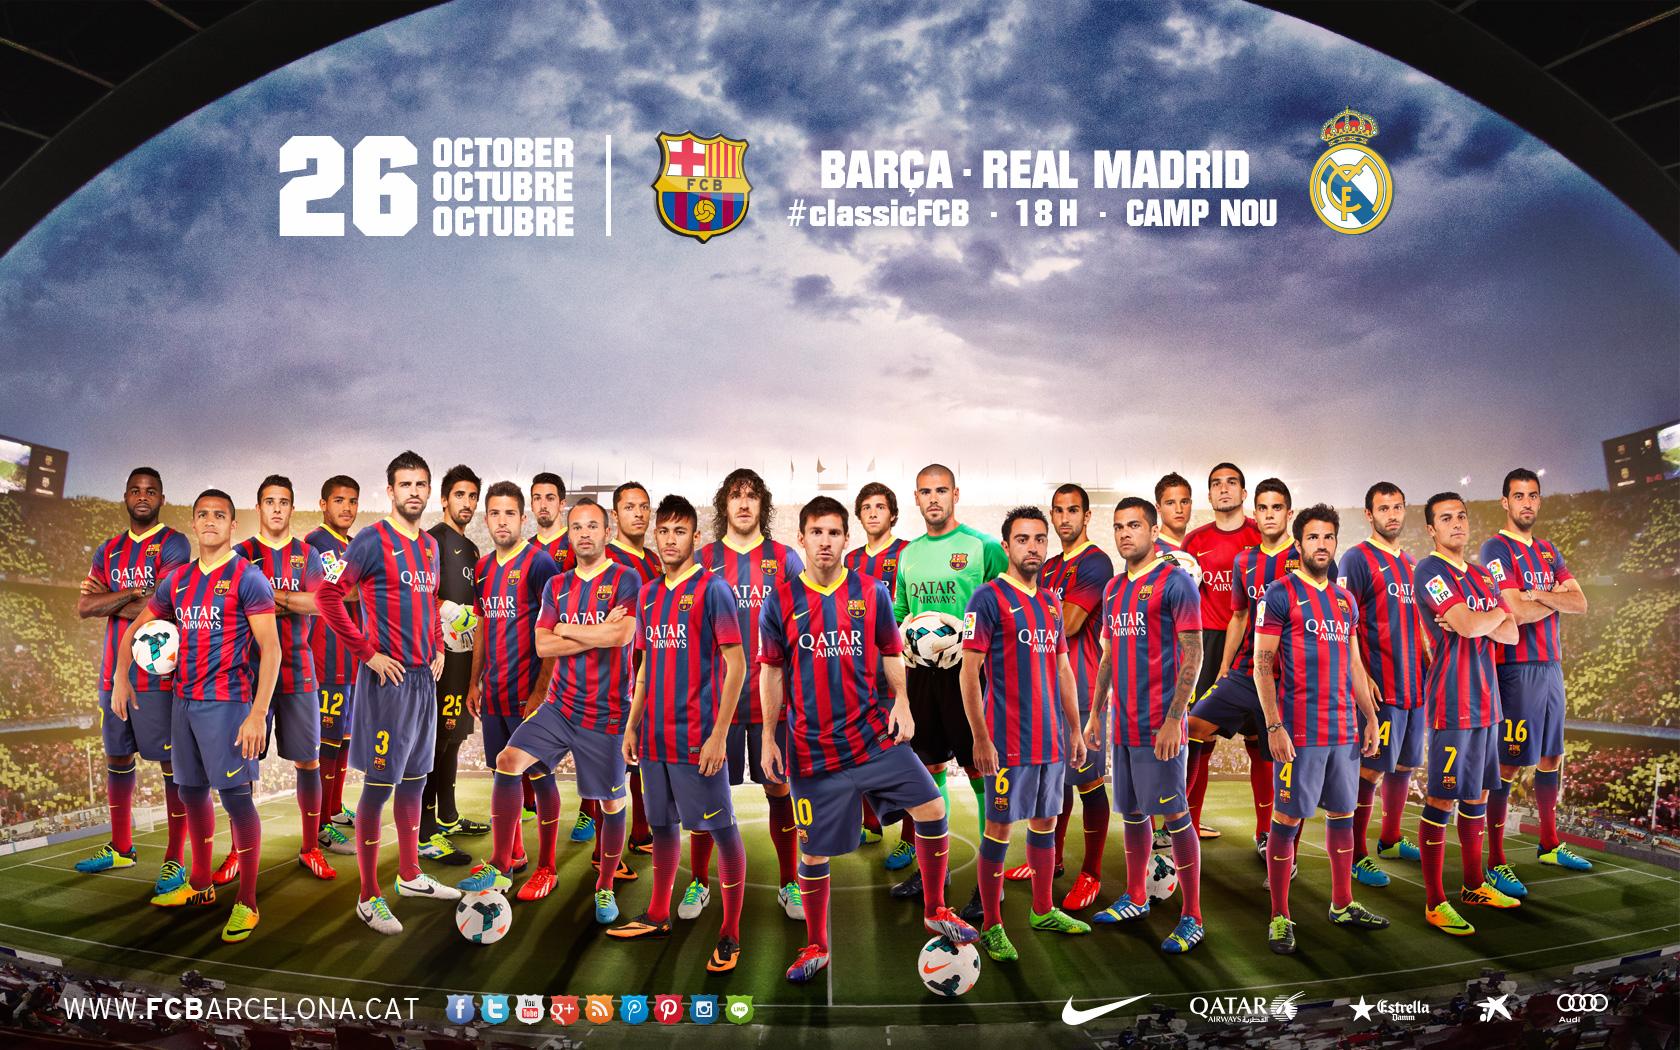 Fondos De Pantalla Del Fútbol Club Barcelona Wallpapers: Los Fondos De Pantalla Del Clásico FC Barcelona